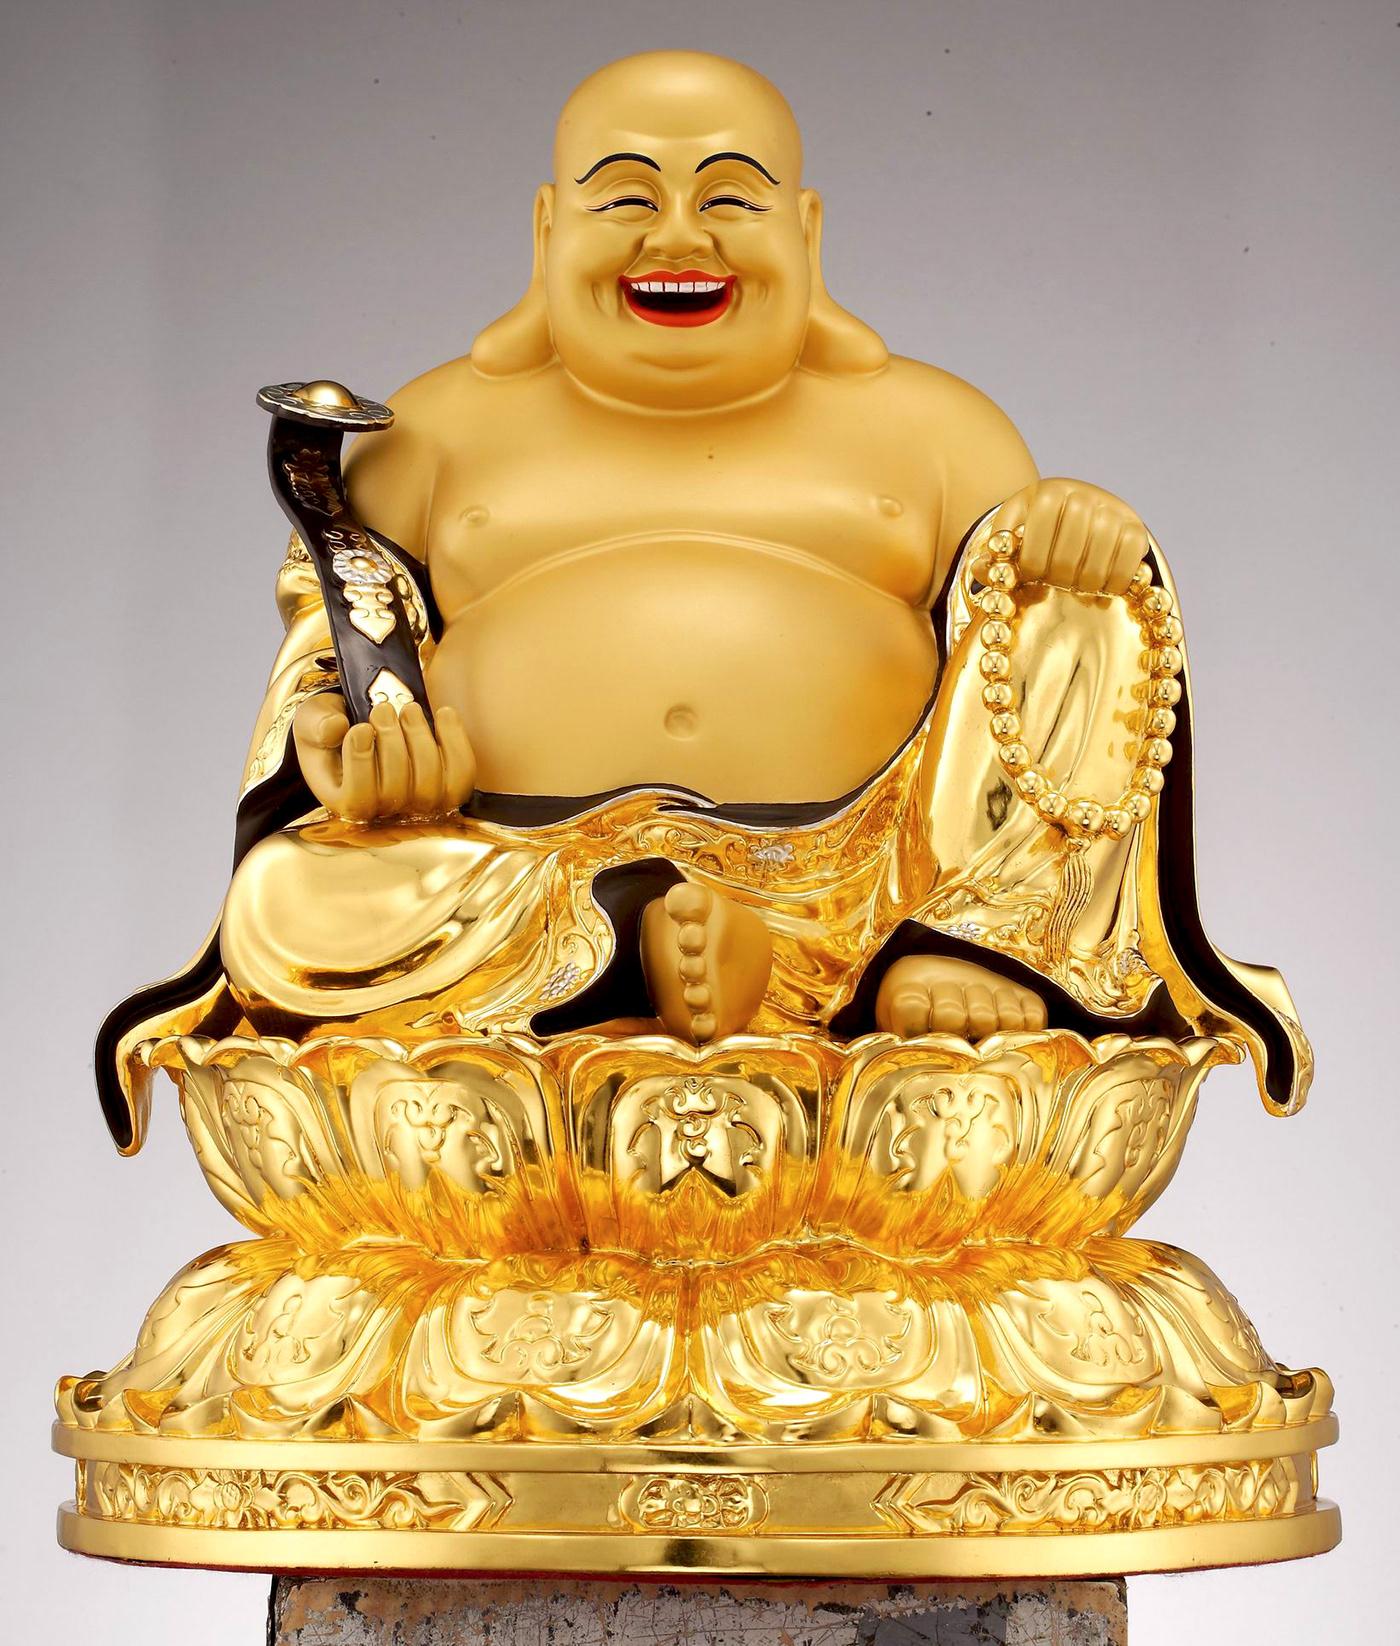 Ảnh tượng Phật Di Lặc rất đẹp